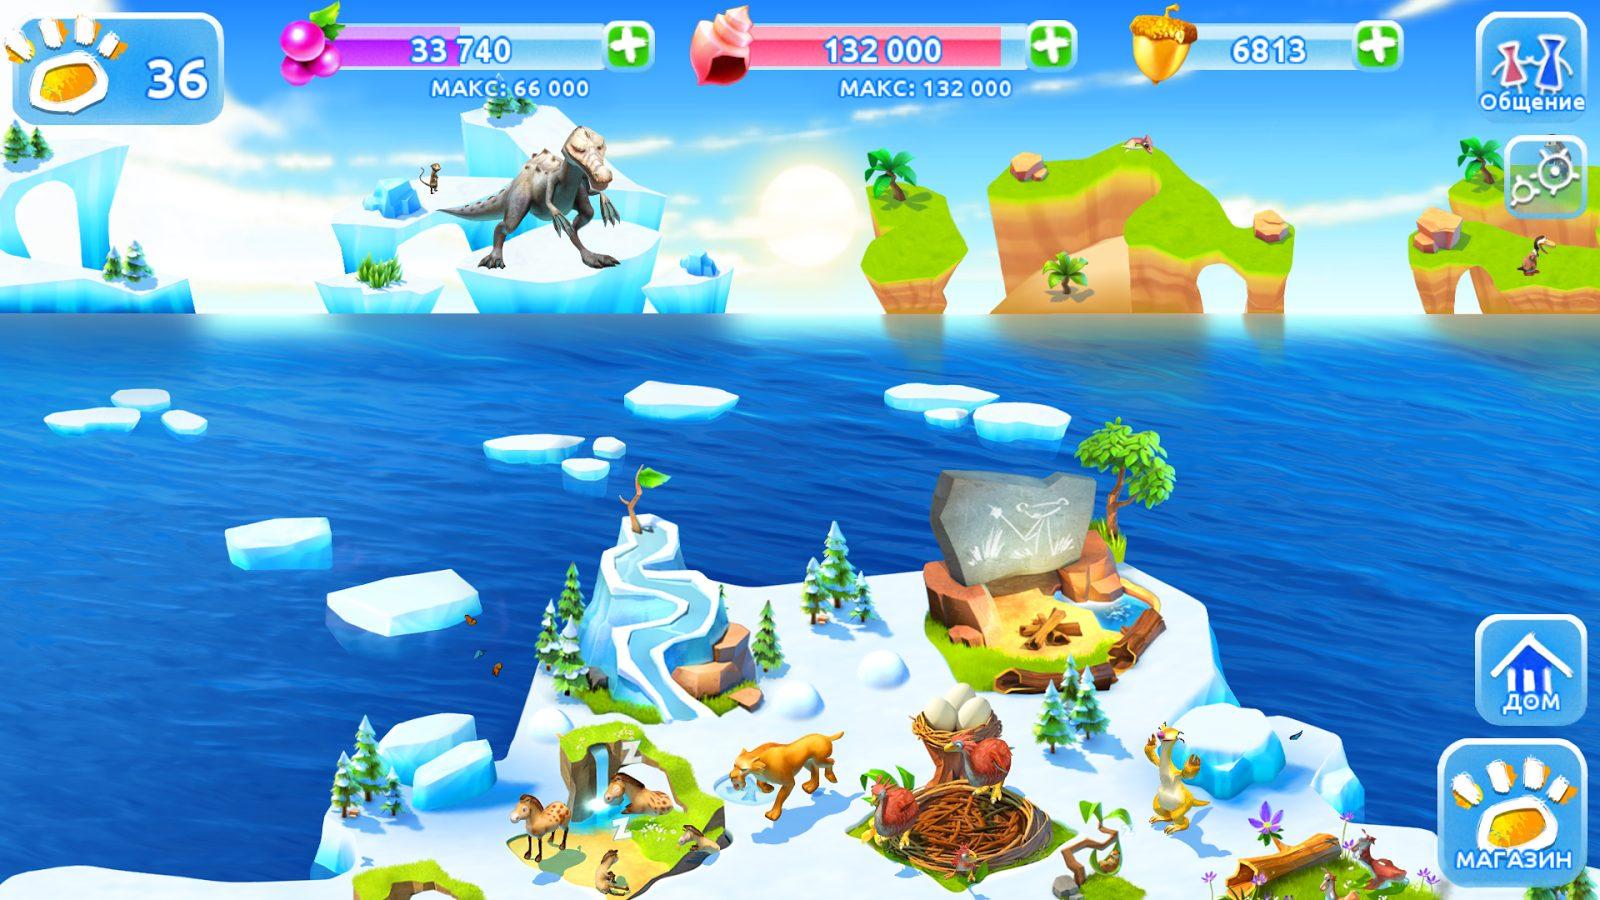 скачать игру ледниковый период